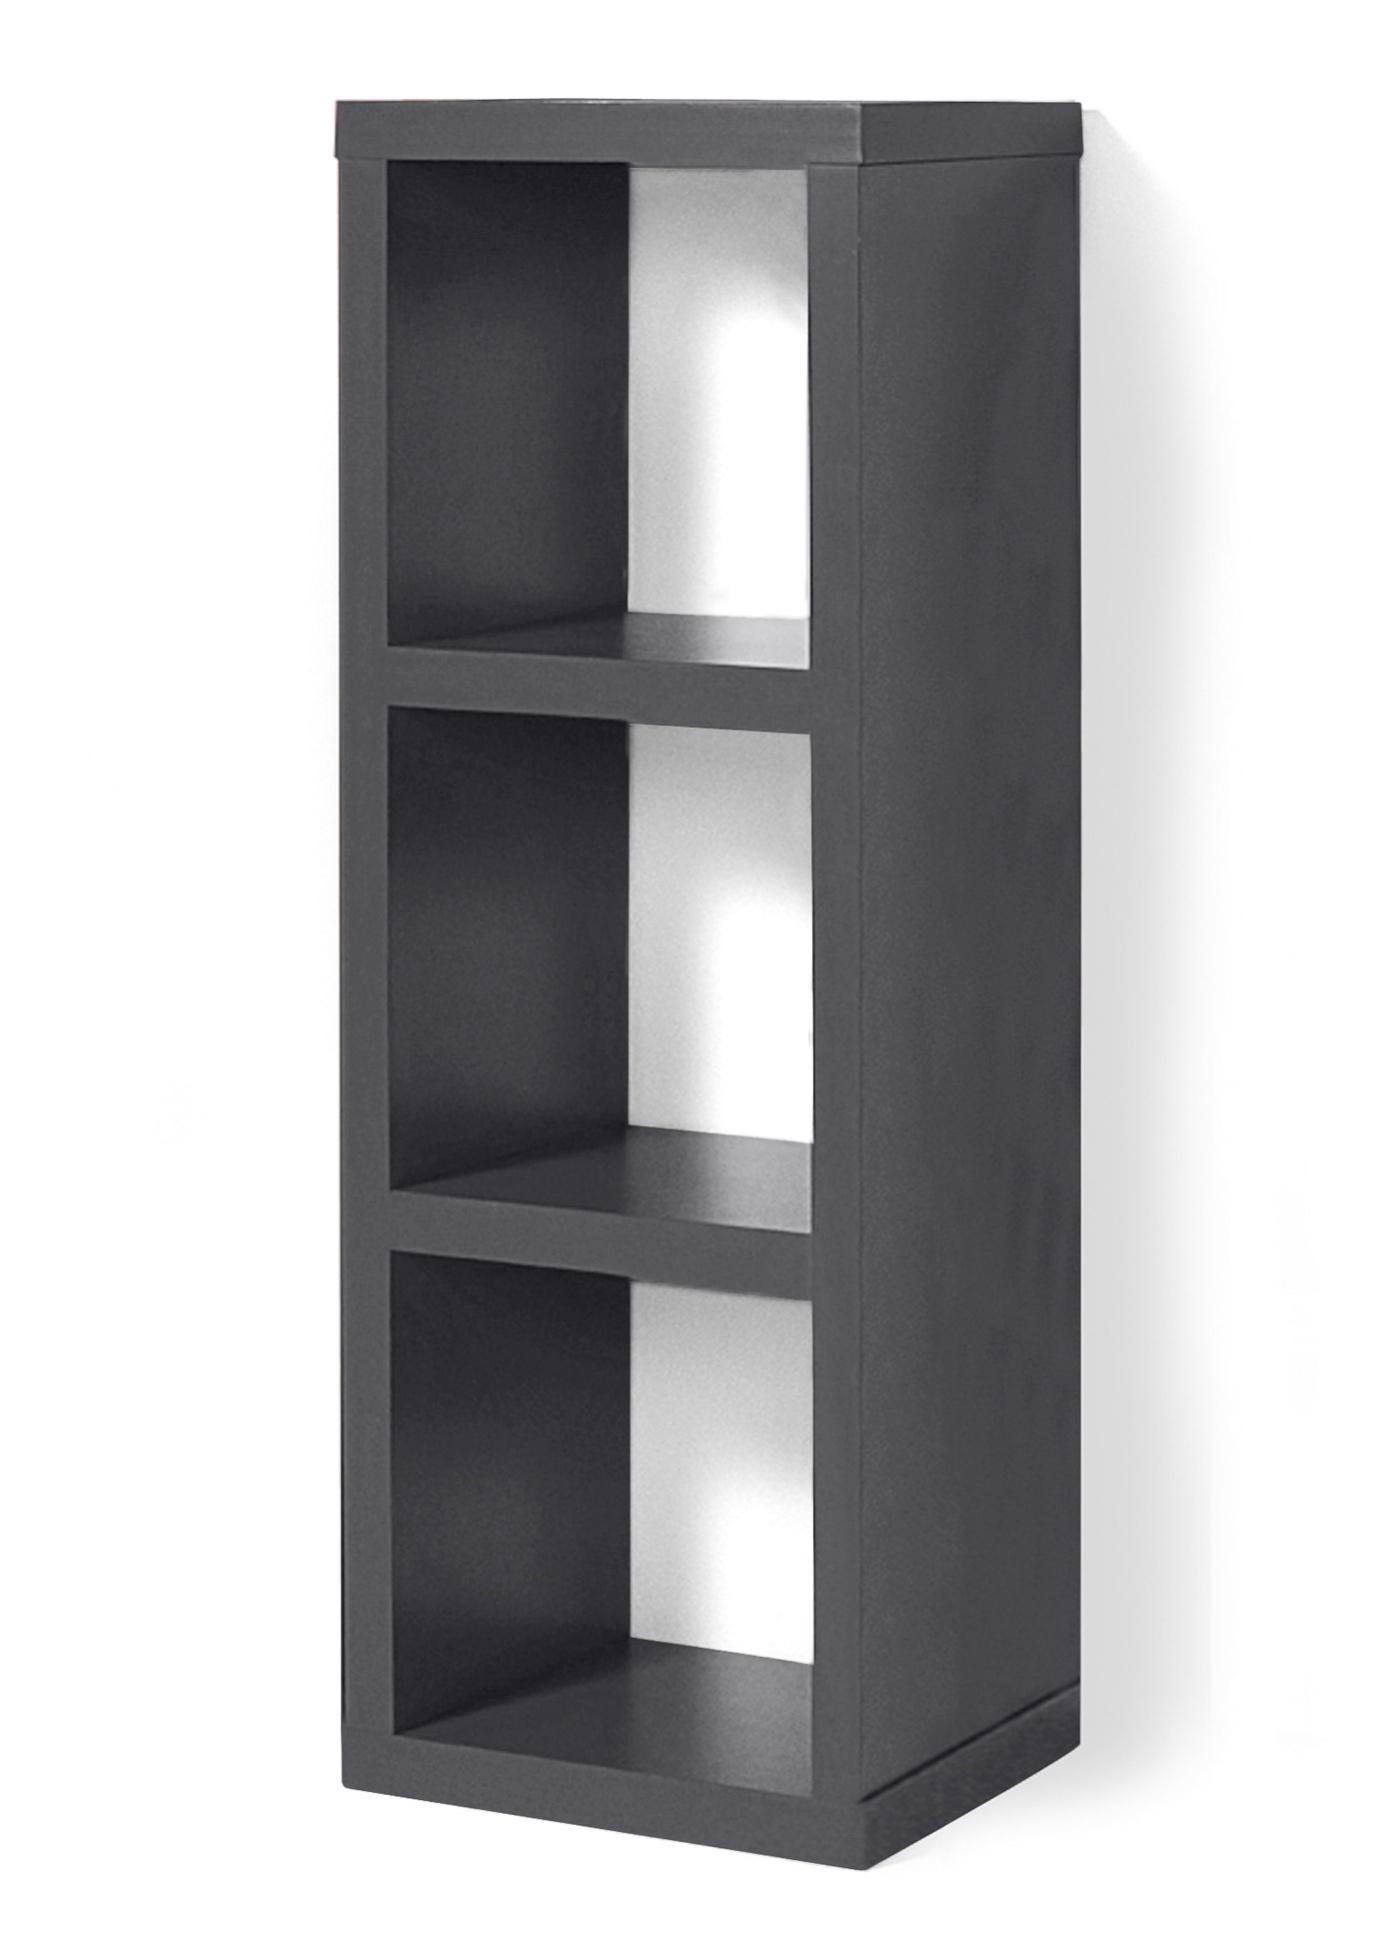 Étagère à 3 compartiments pouvant être utilisée de manière polyvalente : étagère, meuble TV, cloison de séparation etc. Différents décors au choix. Dim. intérieure env. l/P/H 30x30x30 cm. Livraison avec notice de montage.